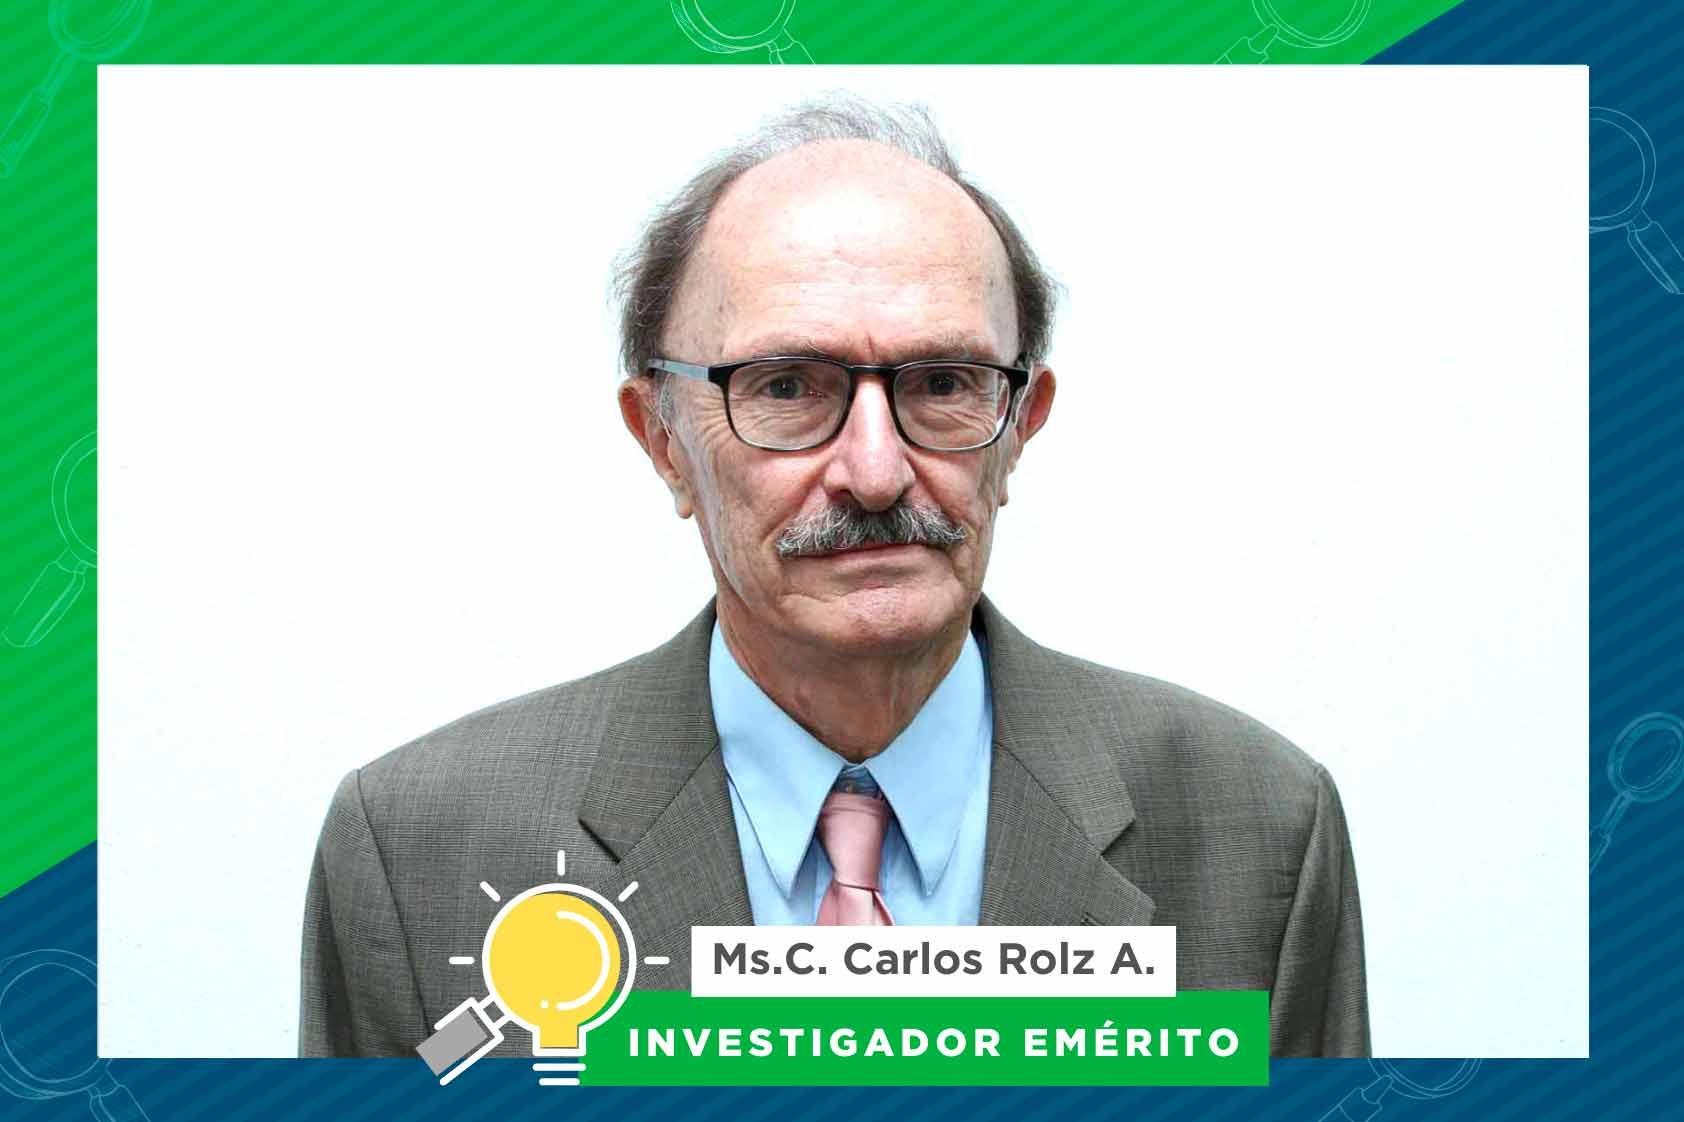 La larga trayectoria en divulgación científica de Carlos Rolz Asturias